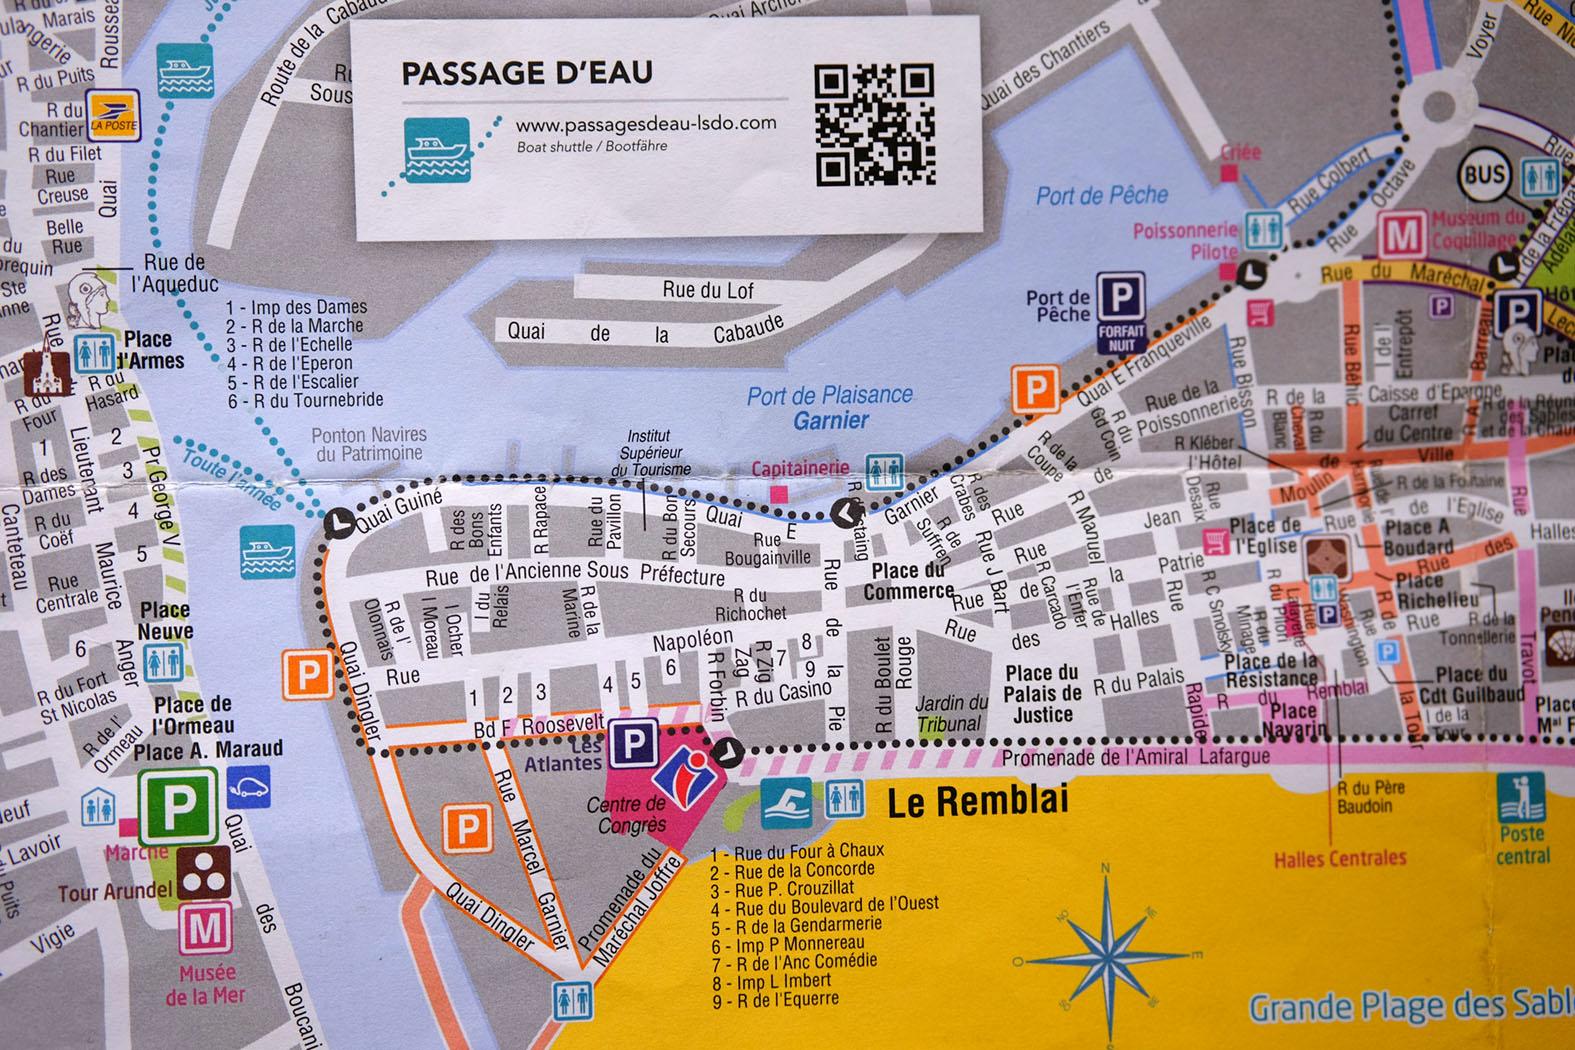 im Süden der Strand, im Norden der Hafen, im Osten La Chaume - eigentlich ganz einfach / Auszug aus dem Stadtplan, Quelle: Office de Tourisme